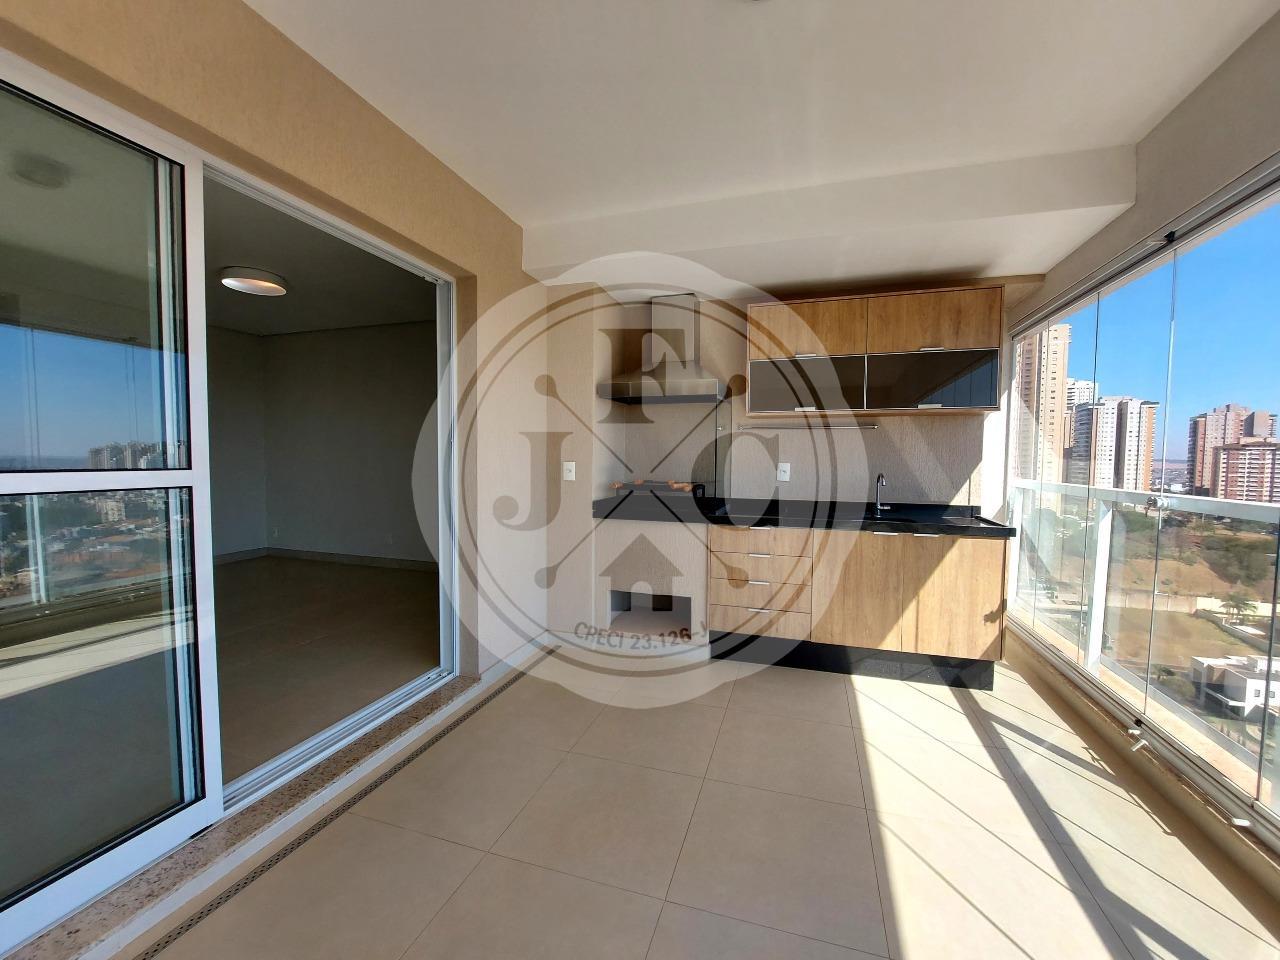 Apartamento à venda, 3 quartos, 3 suítes, 2 vagas, Jardim Botânico - Ribeirão Preto/SP